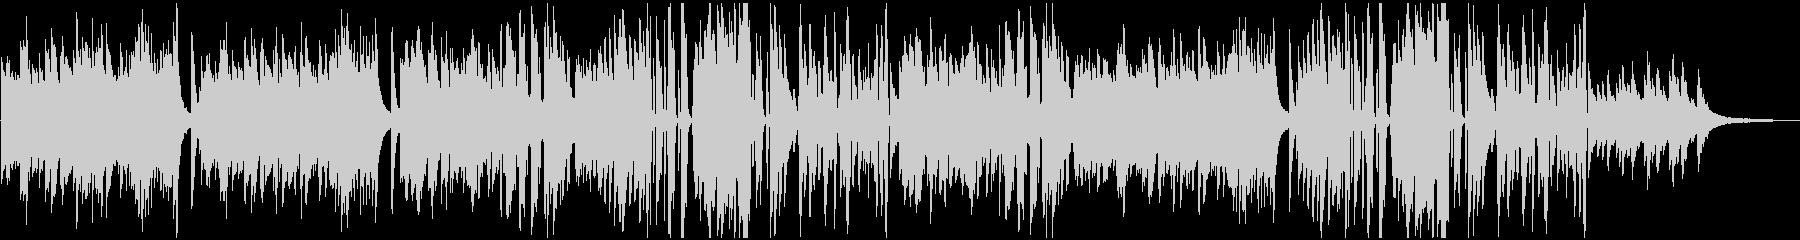 ピアノソロのビート感疾走感あるクール系の未再生の波形